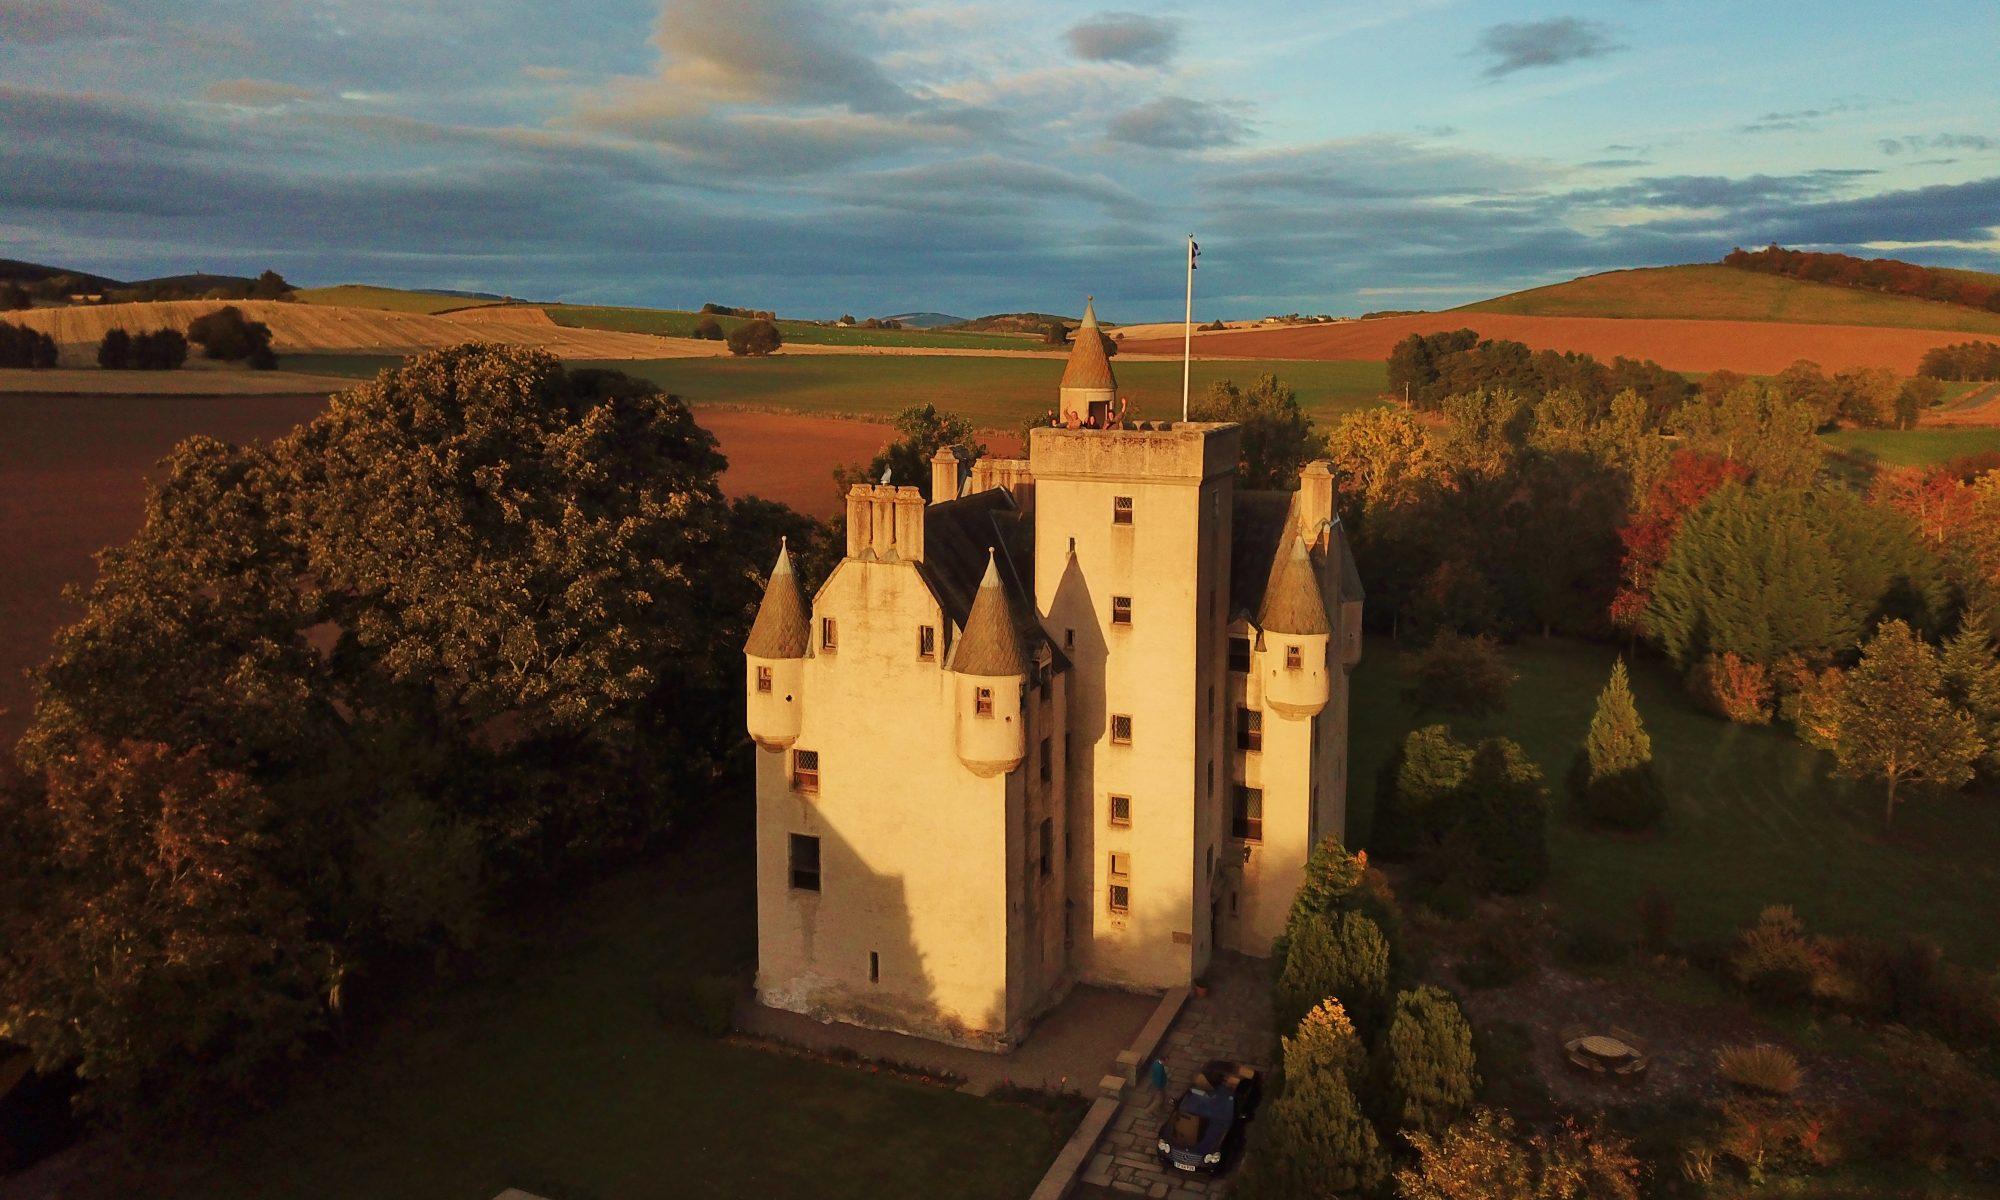 Leslie Castle Guesthouse